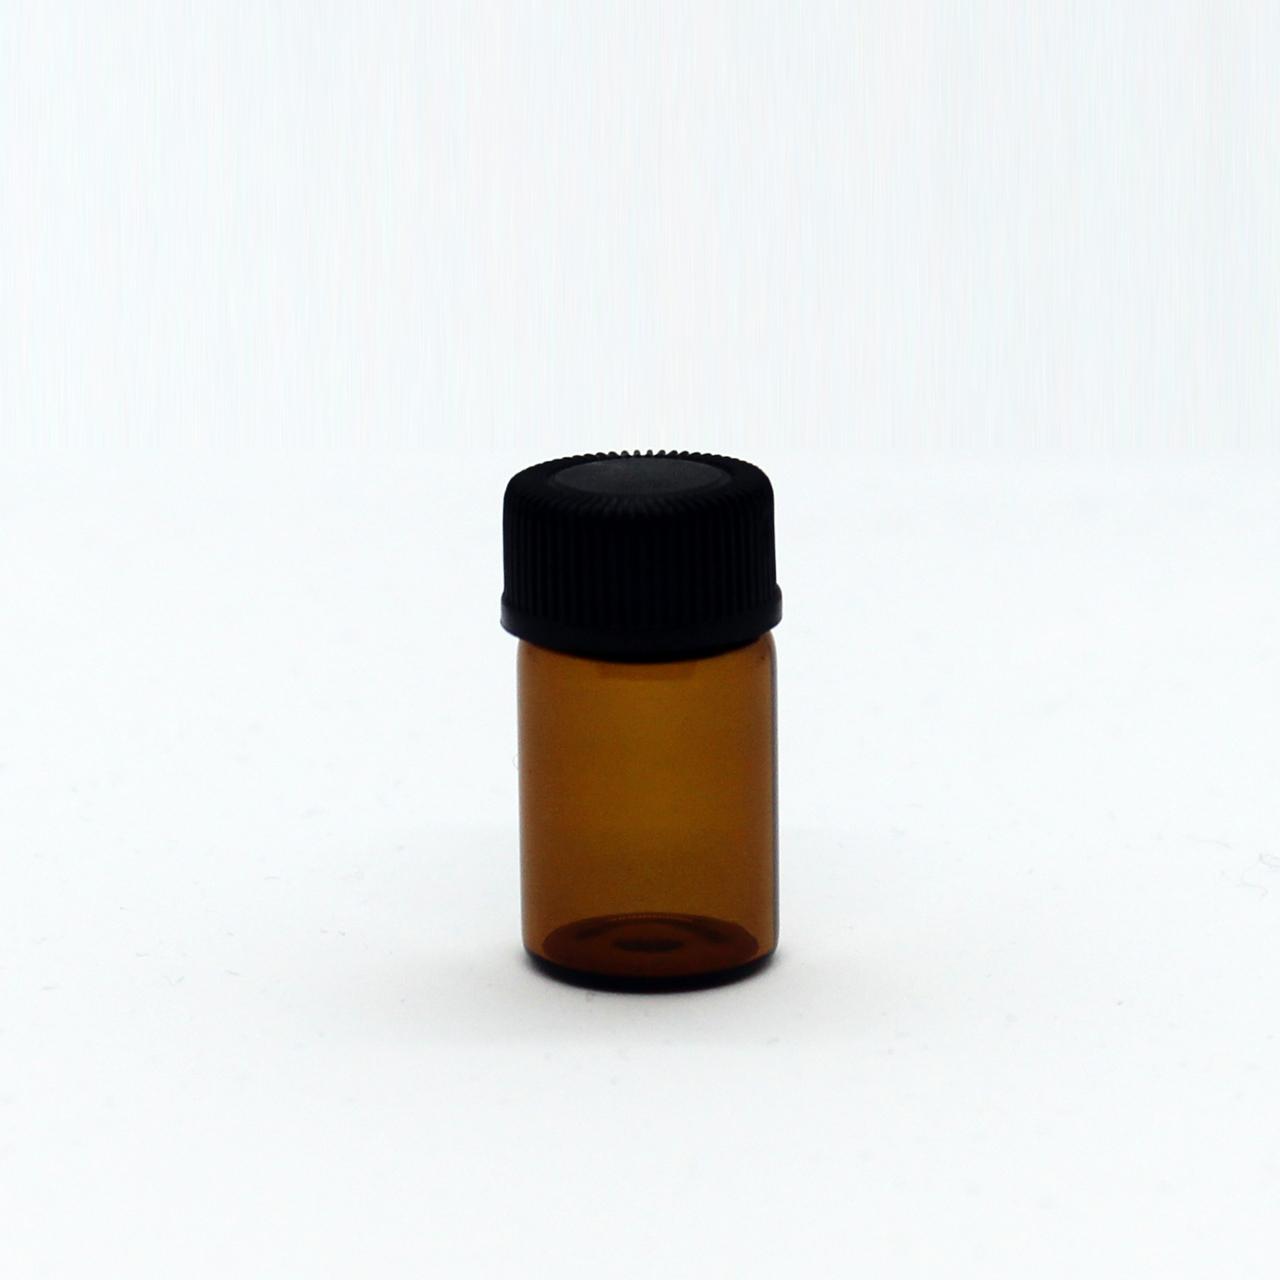 アンバー ミニボトル 2ml (20本セット)